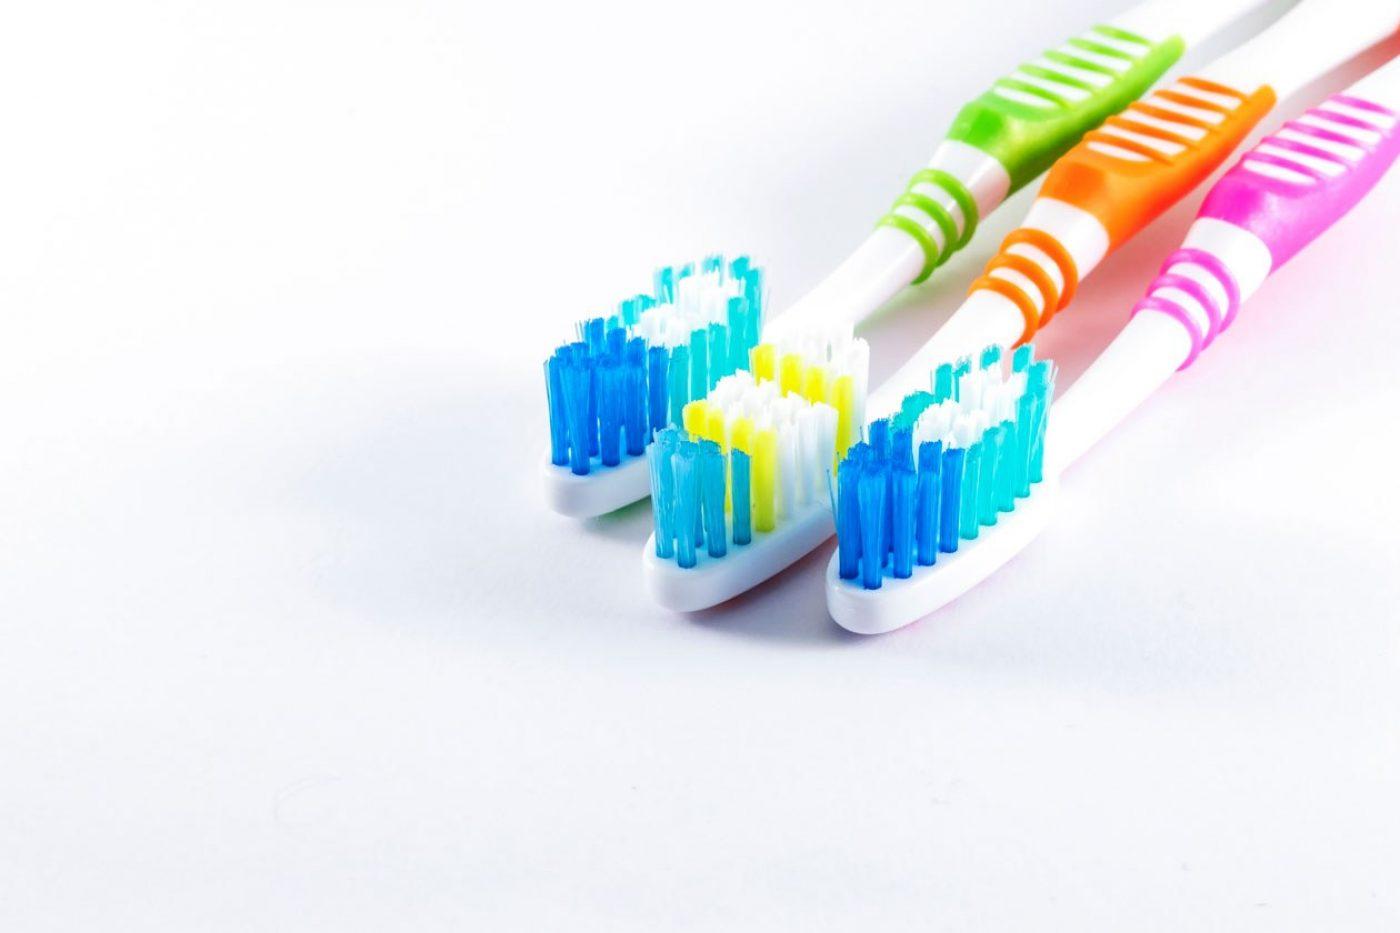 Hdic Advicecare Freshbreathtoothbrush